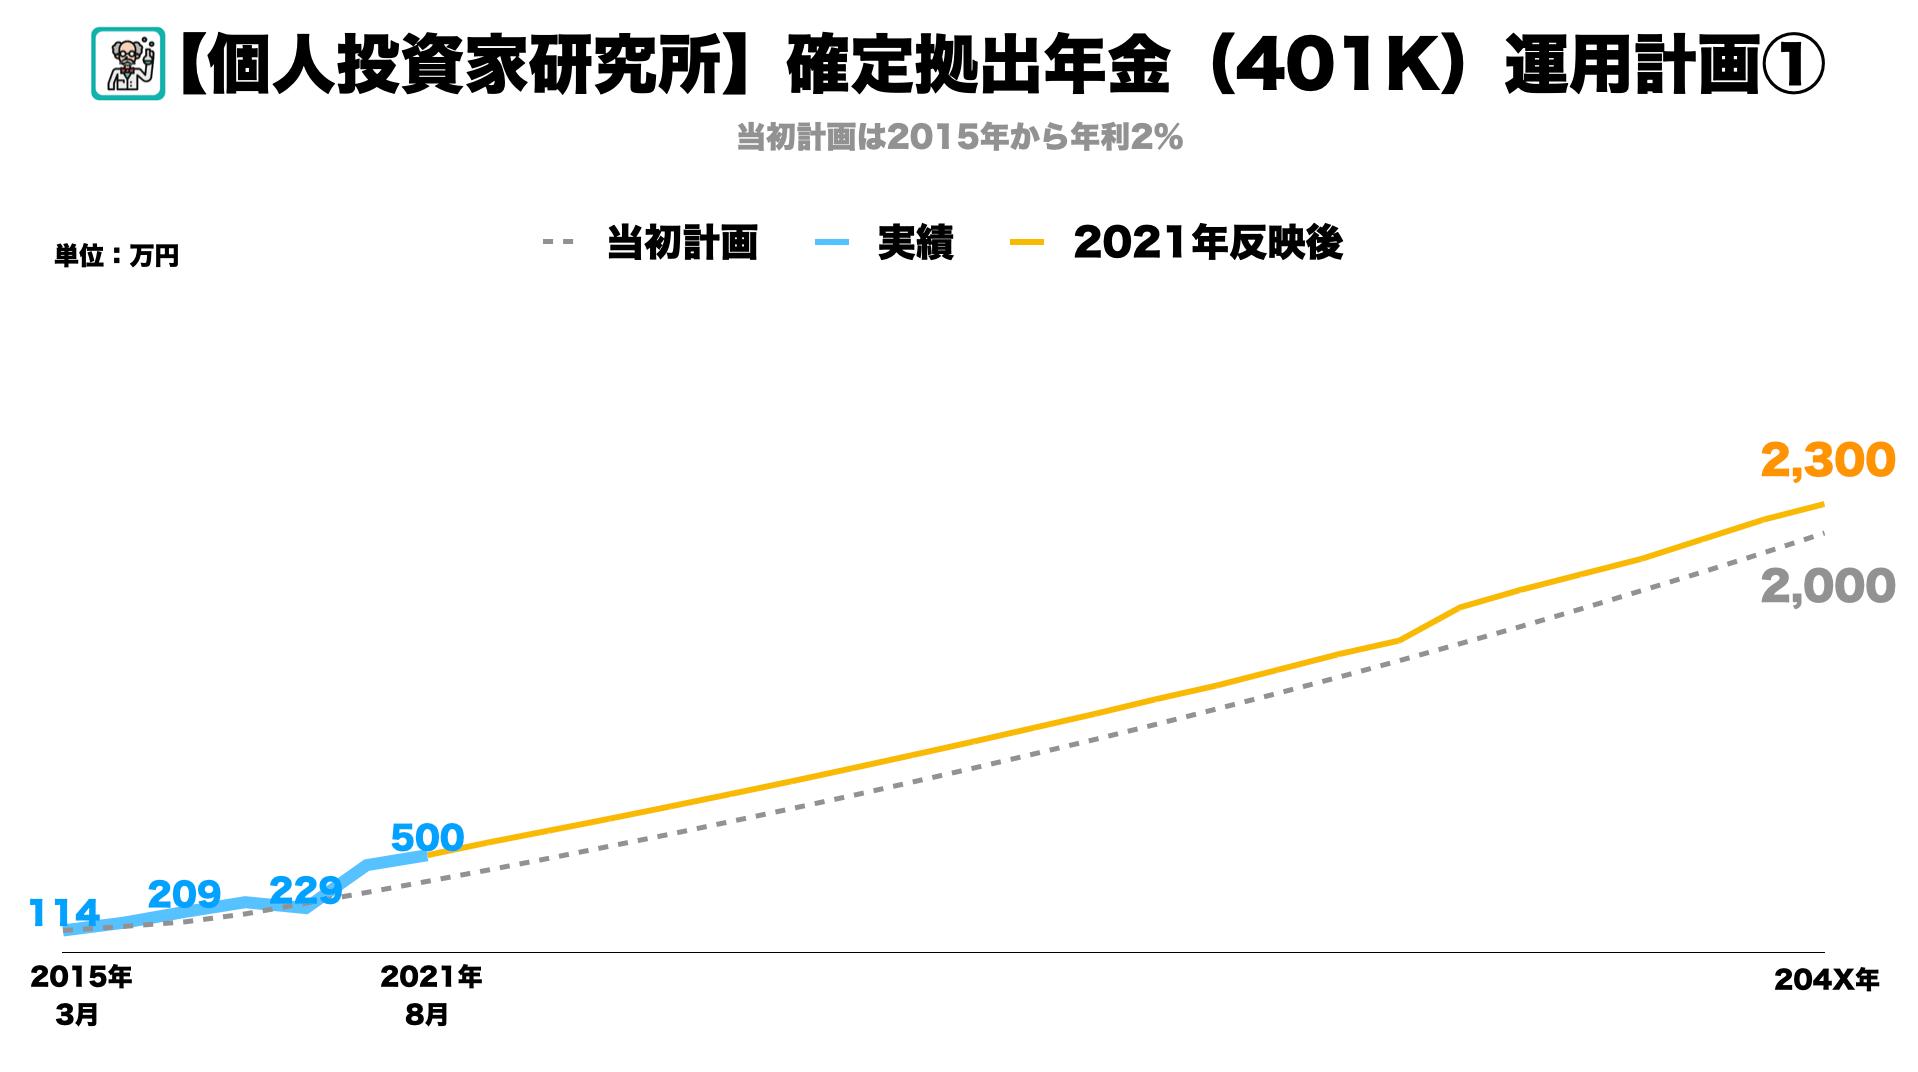 【401k】確定拠出年金の運用総額が500万円を突破しました。退職時このペースだといくらもらえるか3